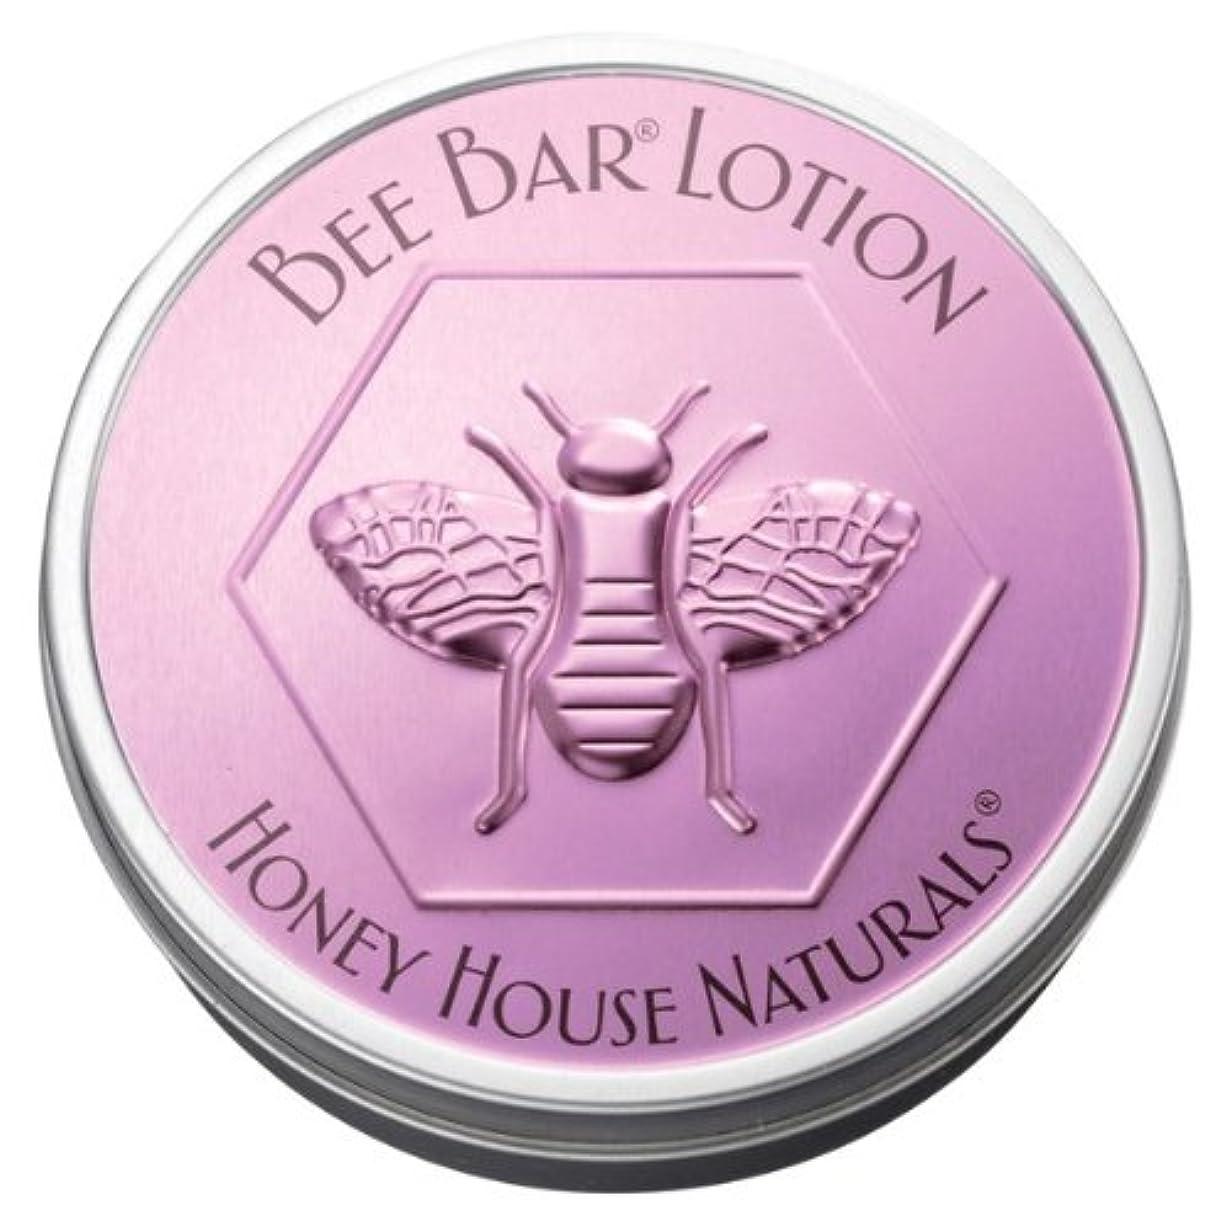 サロン自伝財団BEE BAR LOTION ビーバーローション(ラベンダー)(レギュラーサイズ56.8g)